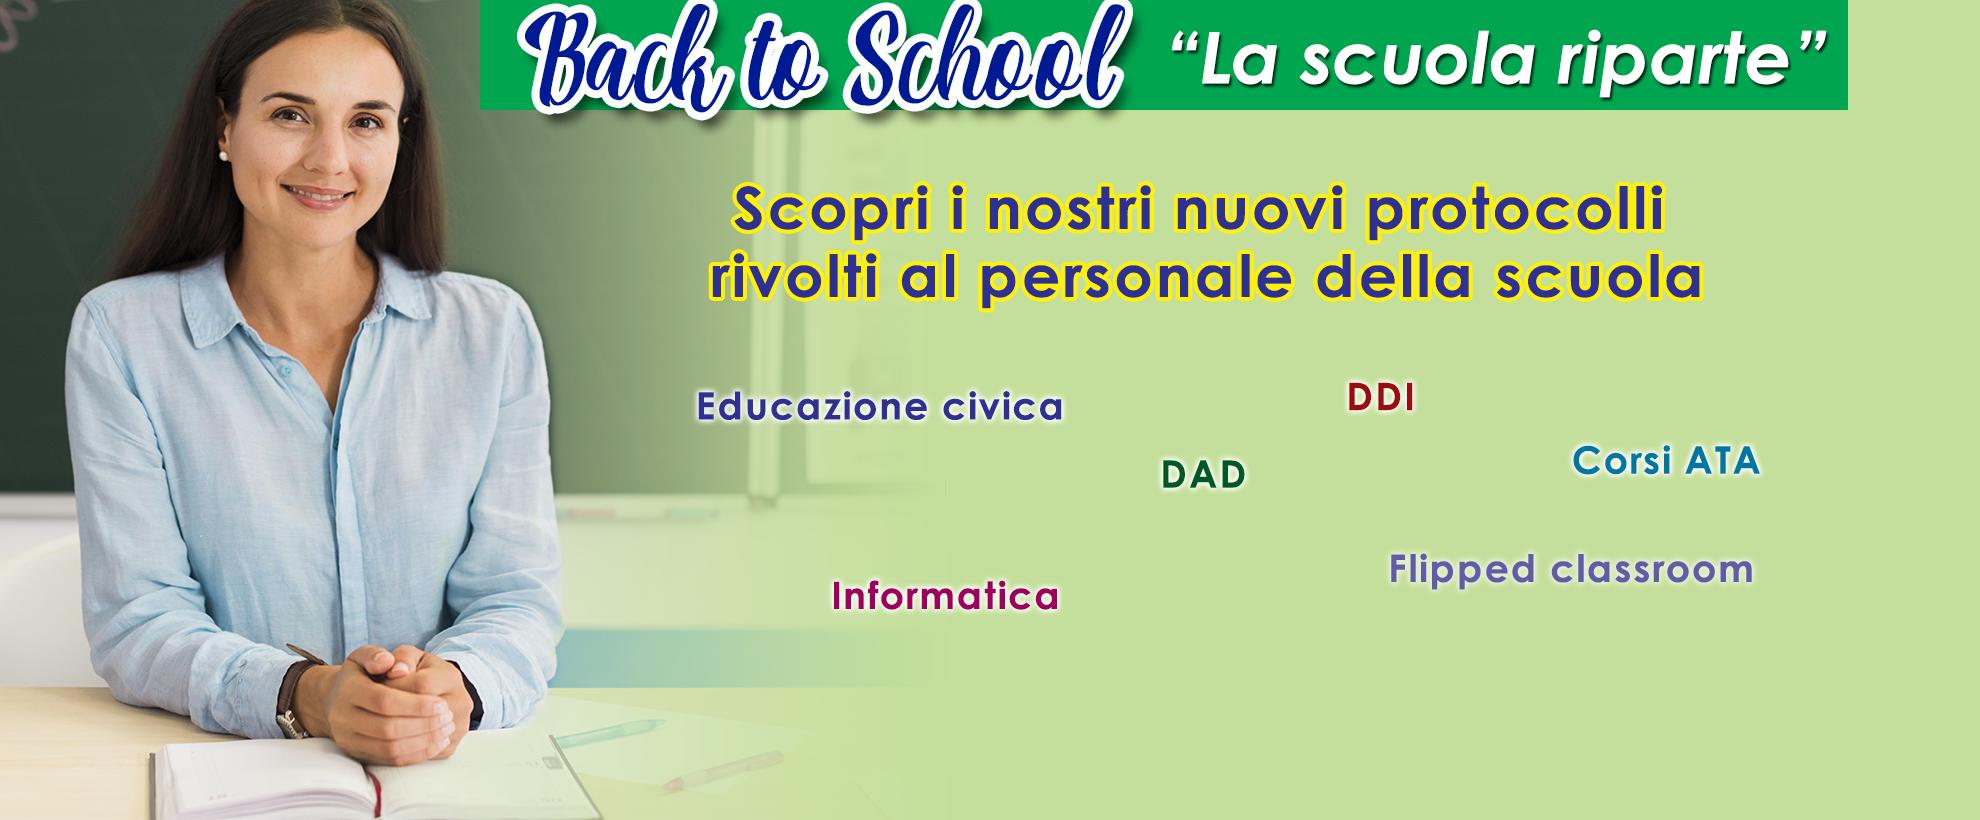 1980x820-slide-protocolli-scuole-new